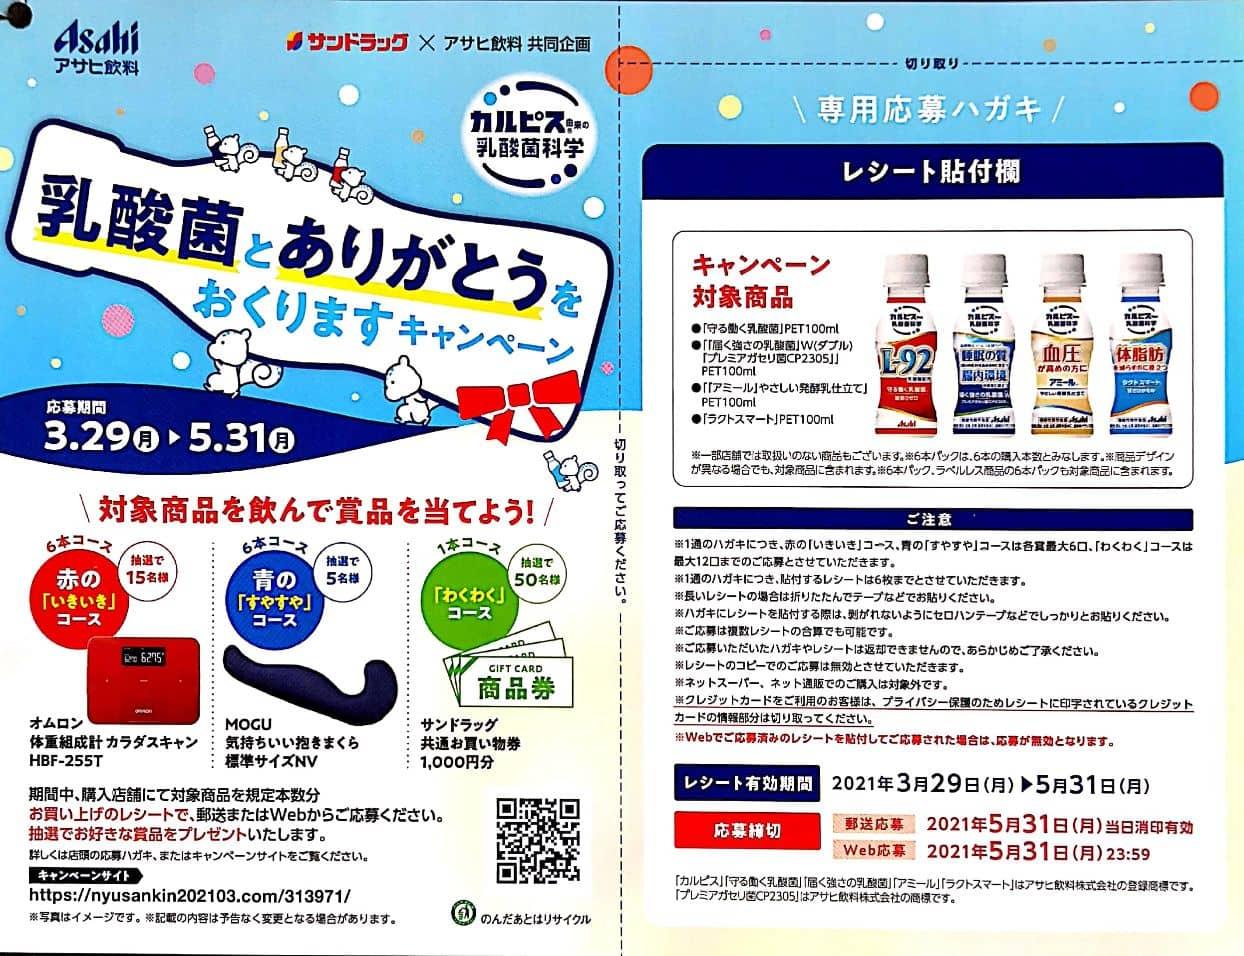 サンドラッグ キャンペーン 懸賞 アサヒ飲料